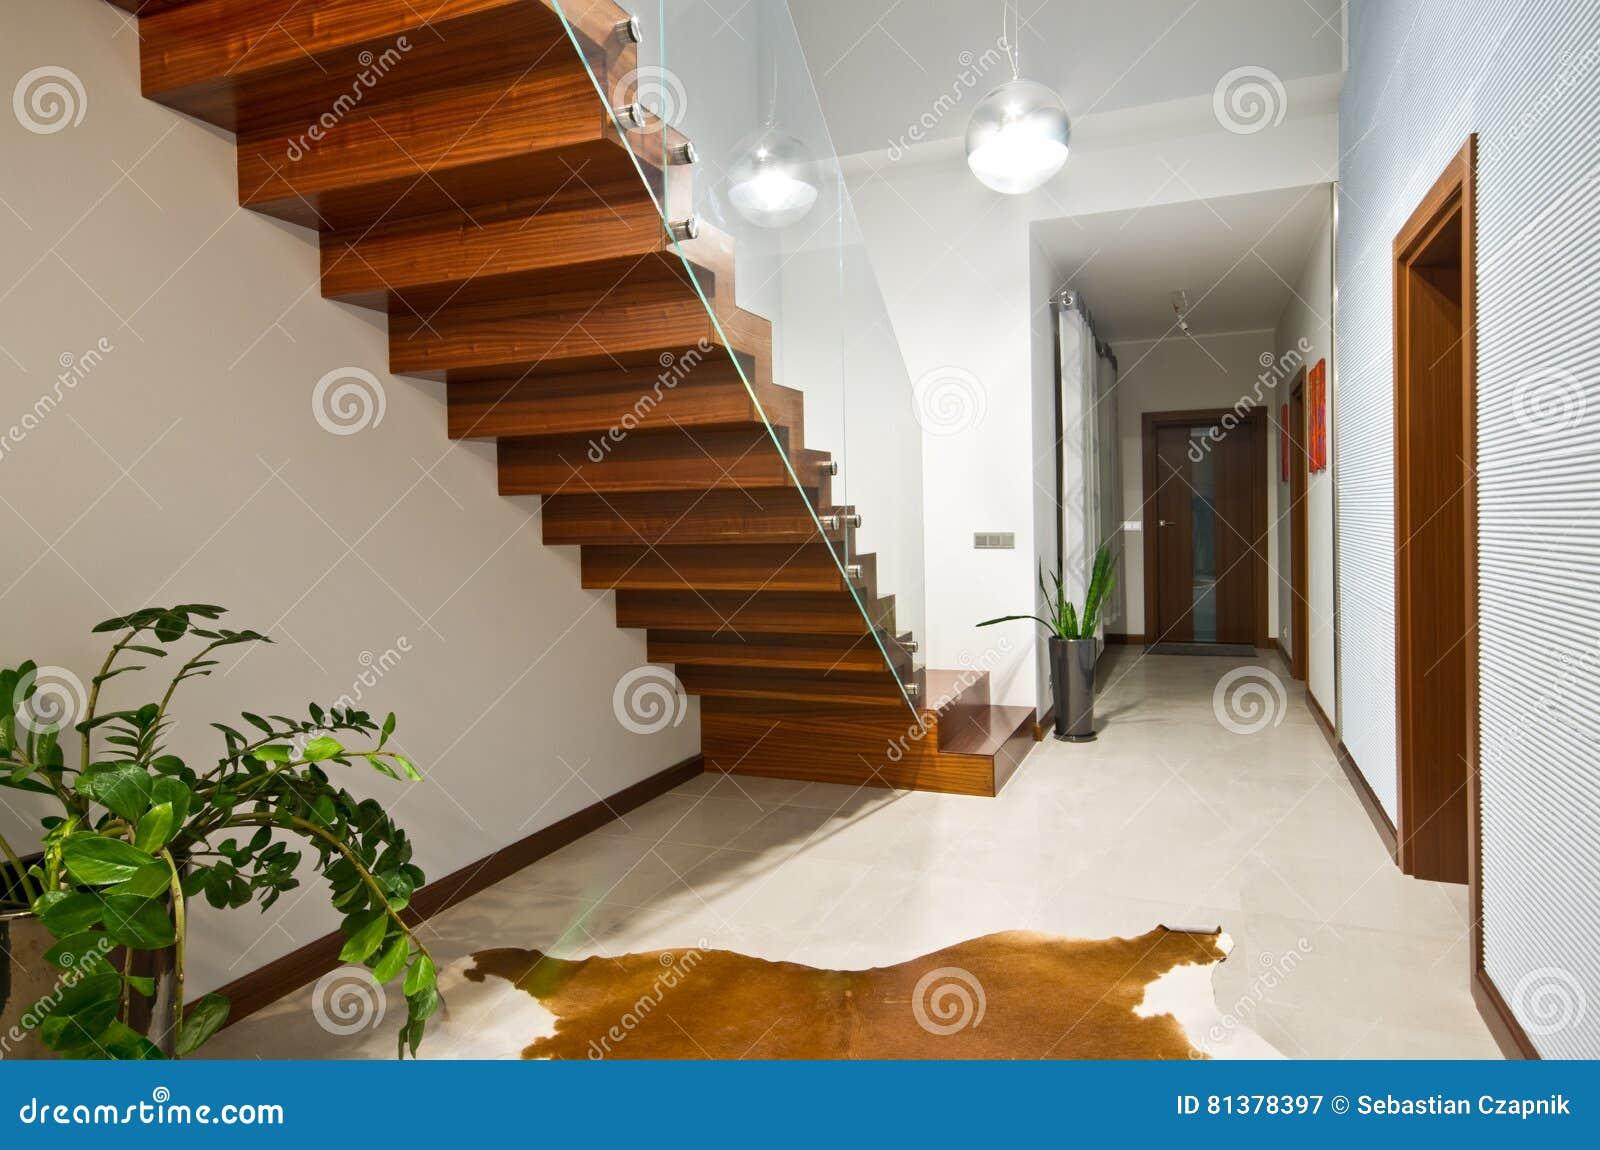 Escaleras modernas con la barandilla de cristal imagen de - Escaleras modernas interiores ...